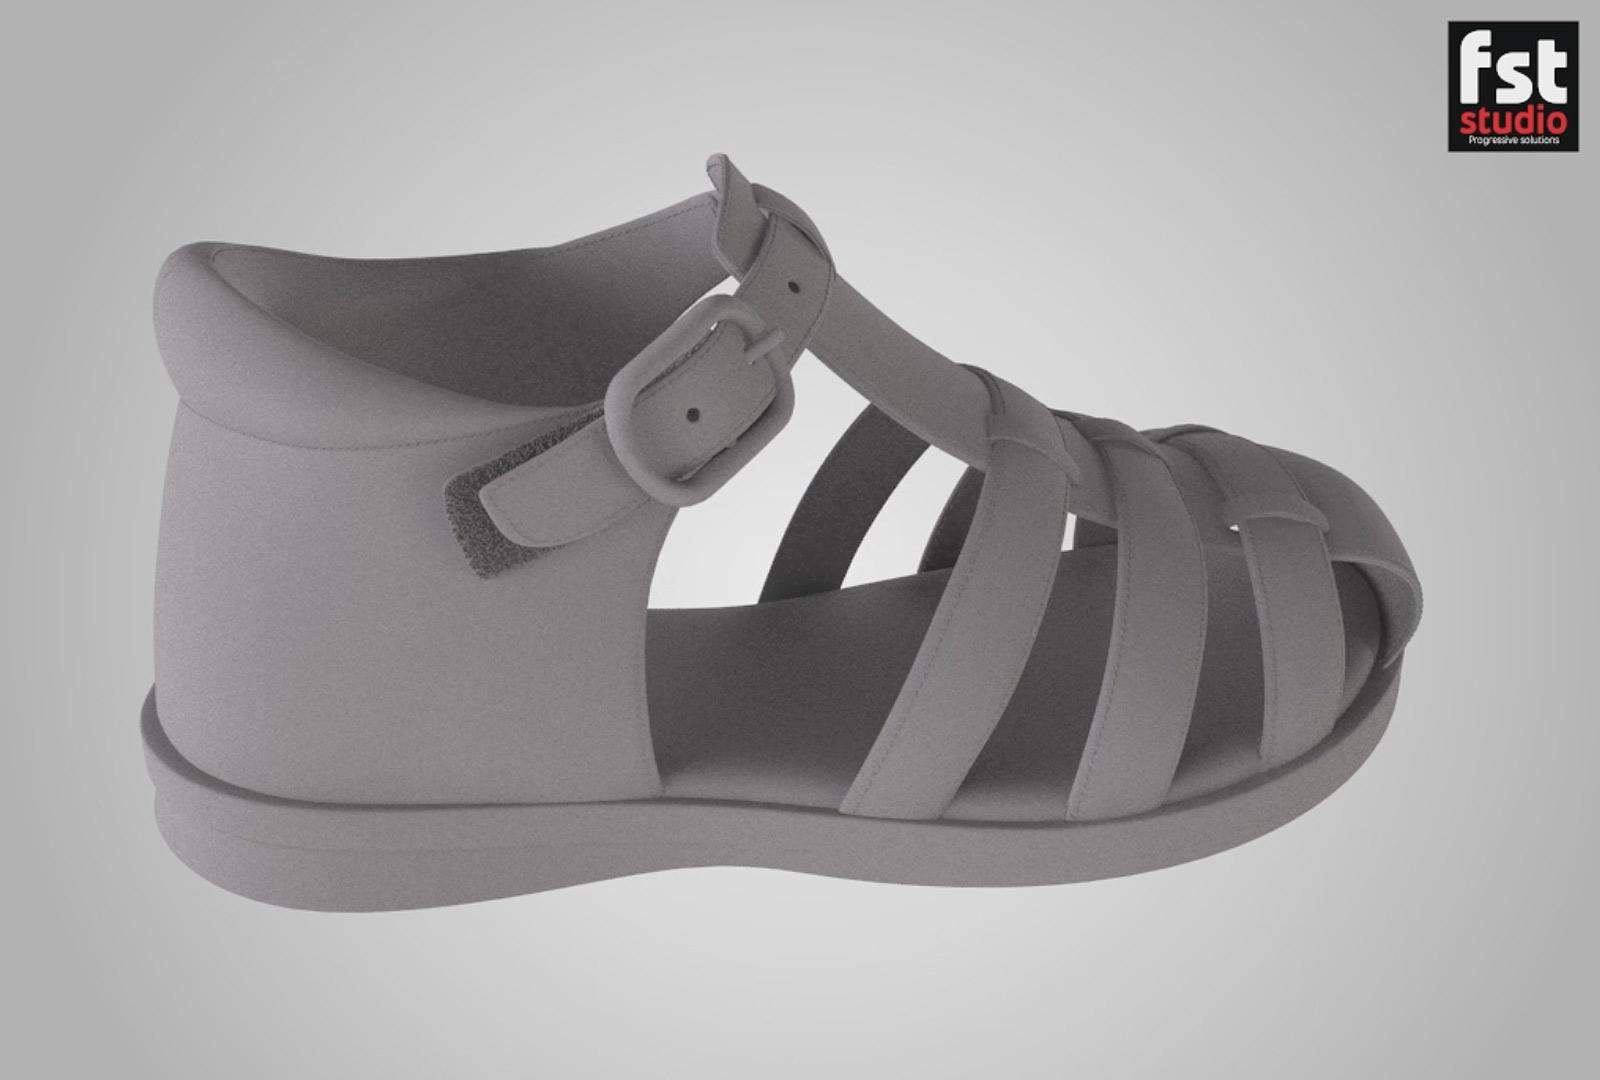 calzature_bambina6